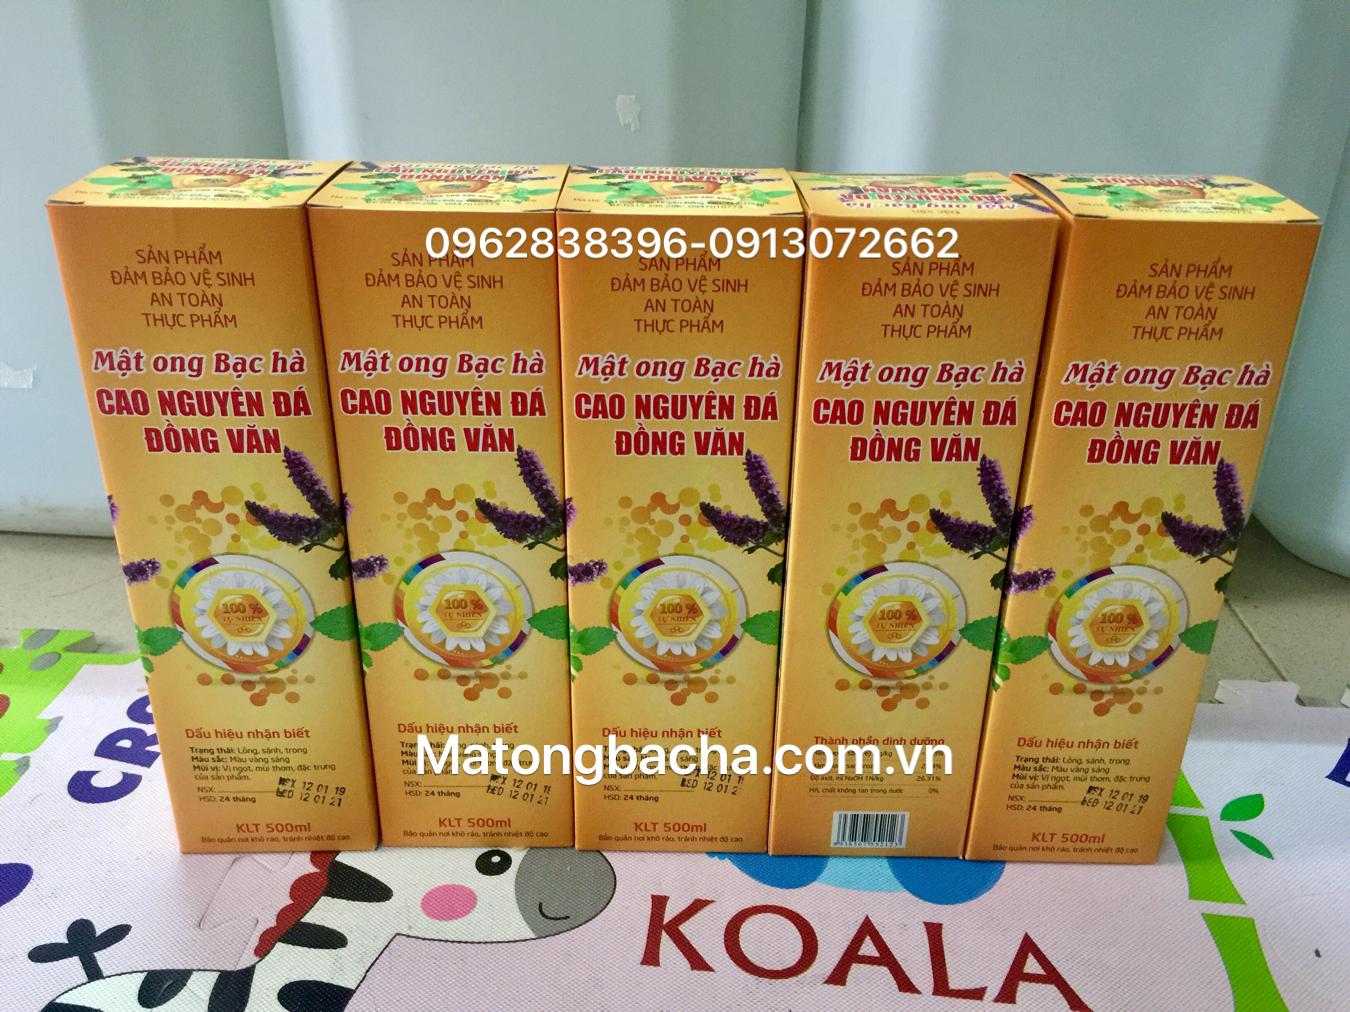 Mật ong bạc hà đặc biệt xuất khẩu chai nhựa.